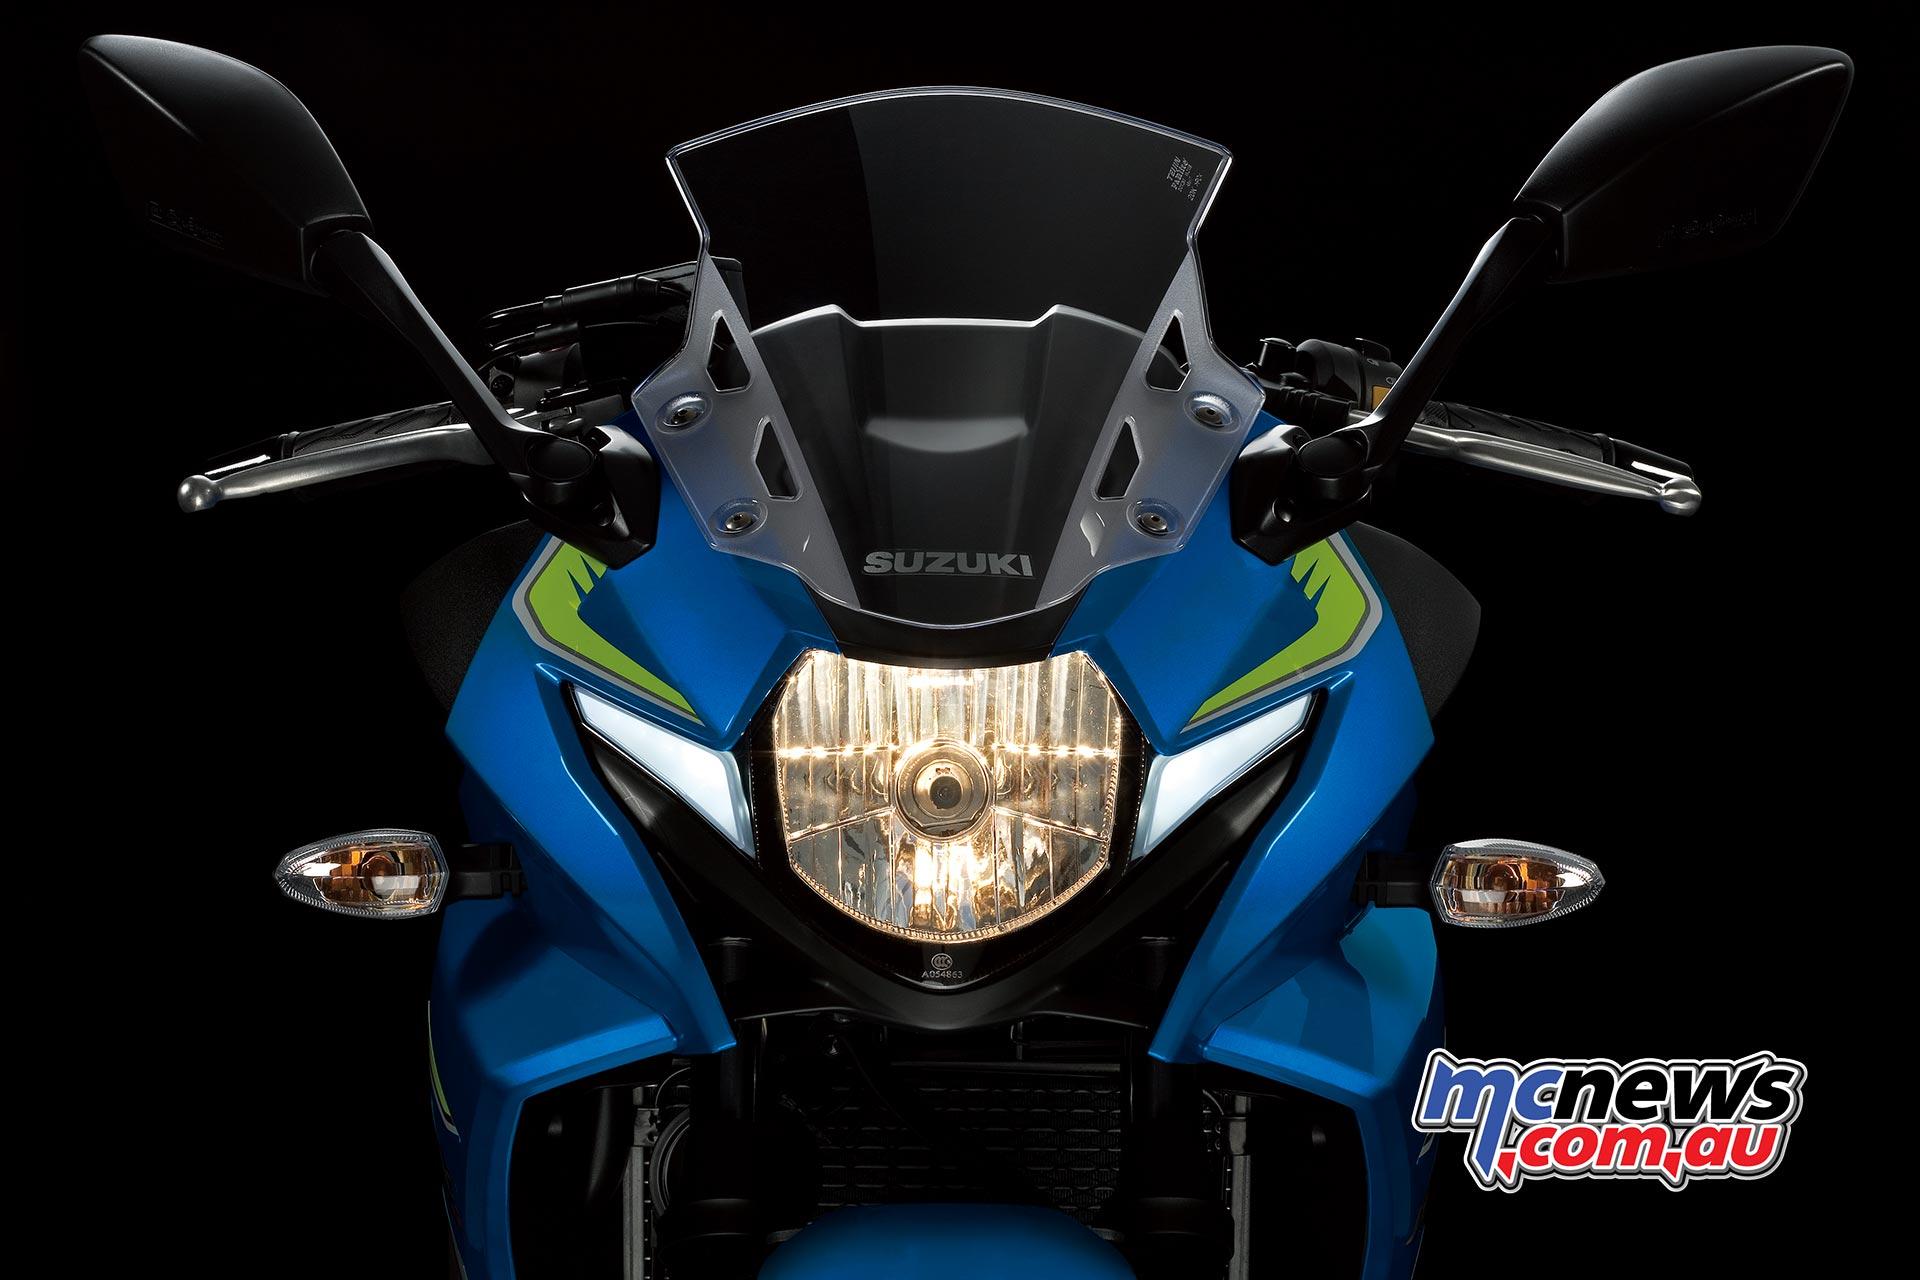 Suzuki Gsx250r New Parallel Twin Faired Streetbike